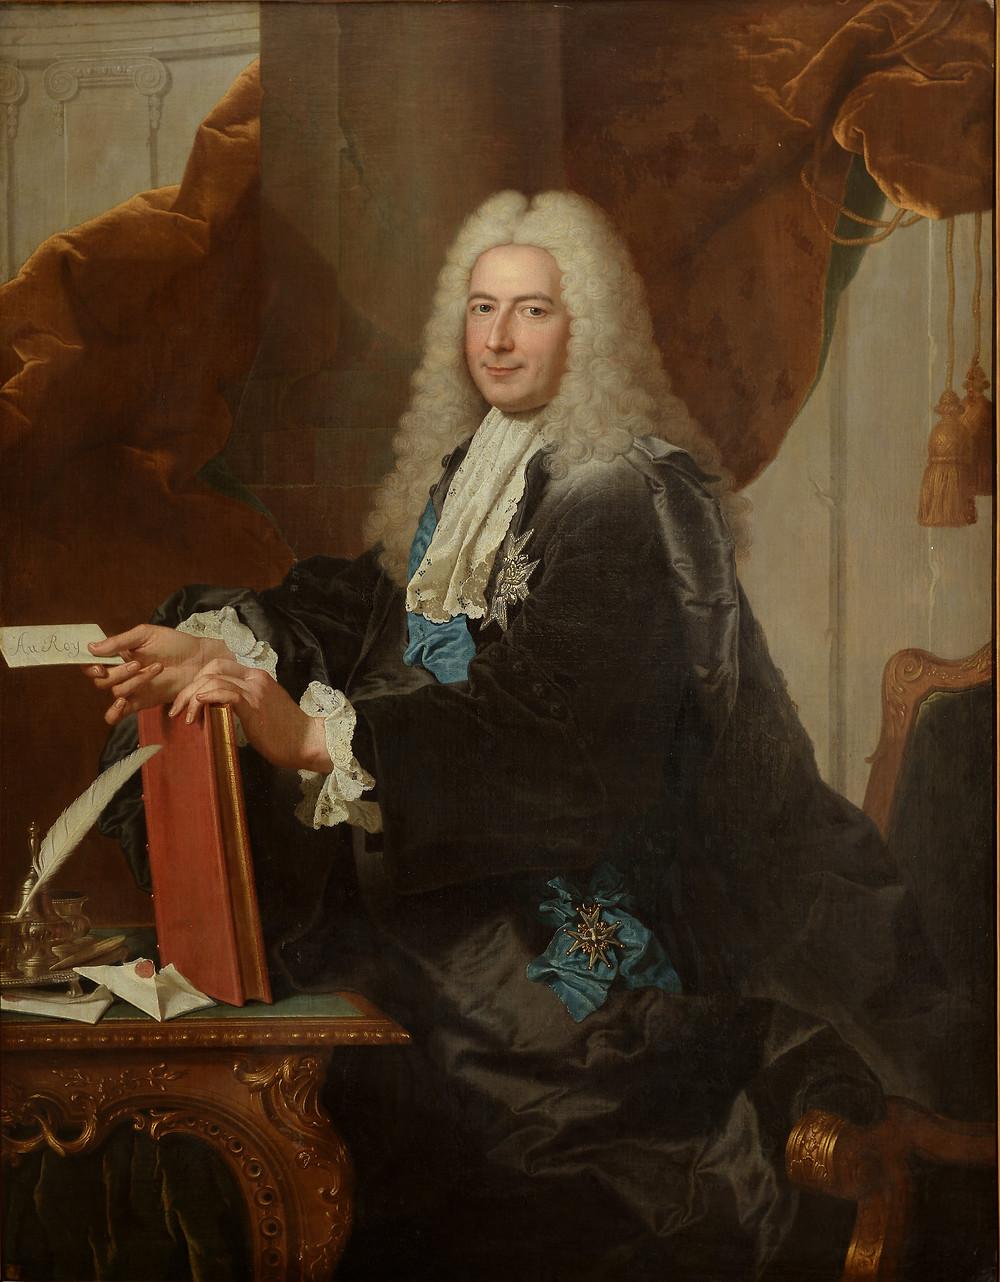 Hyacinthe Rigaud, Portrait de Philibert Orry, après 1734-1735, collection particulière